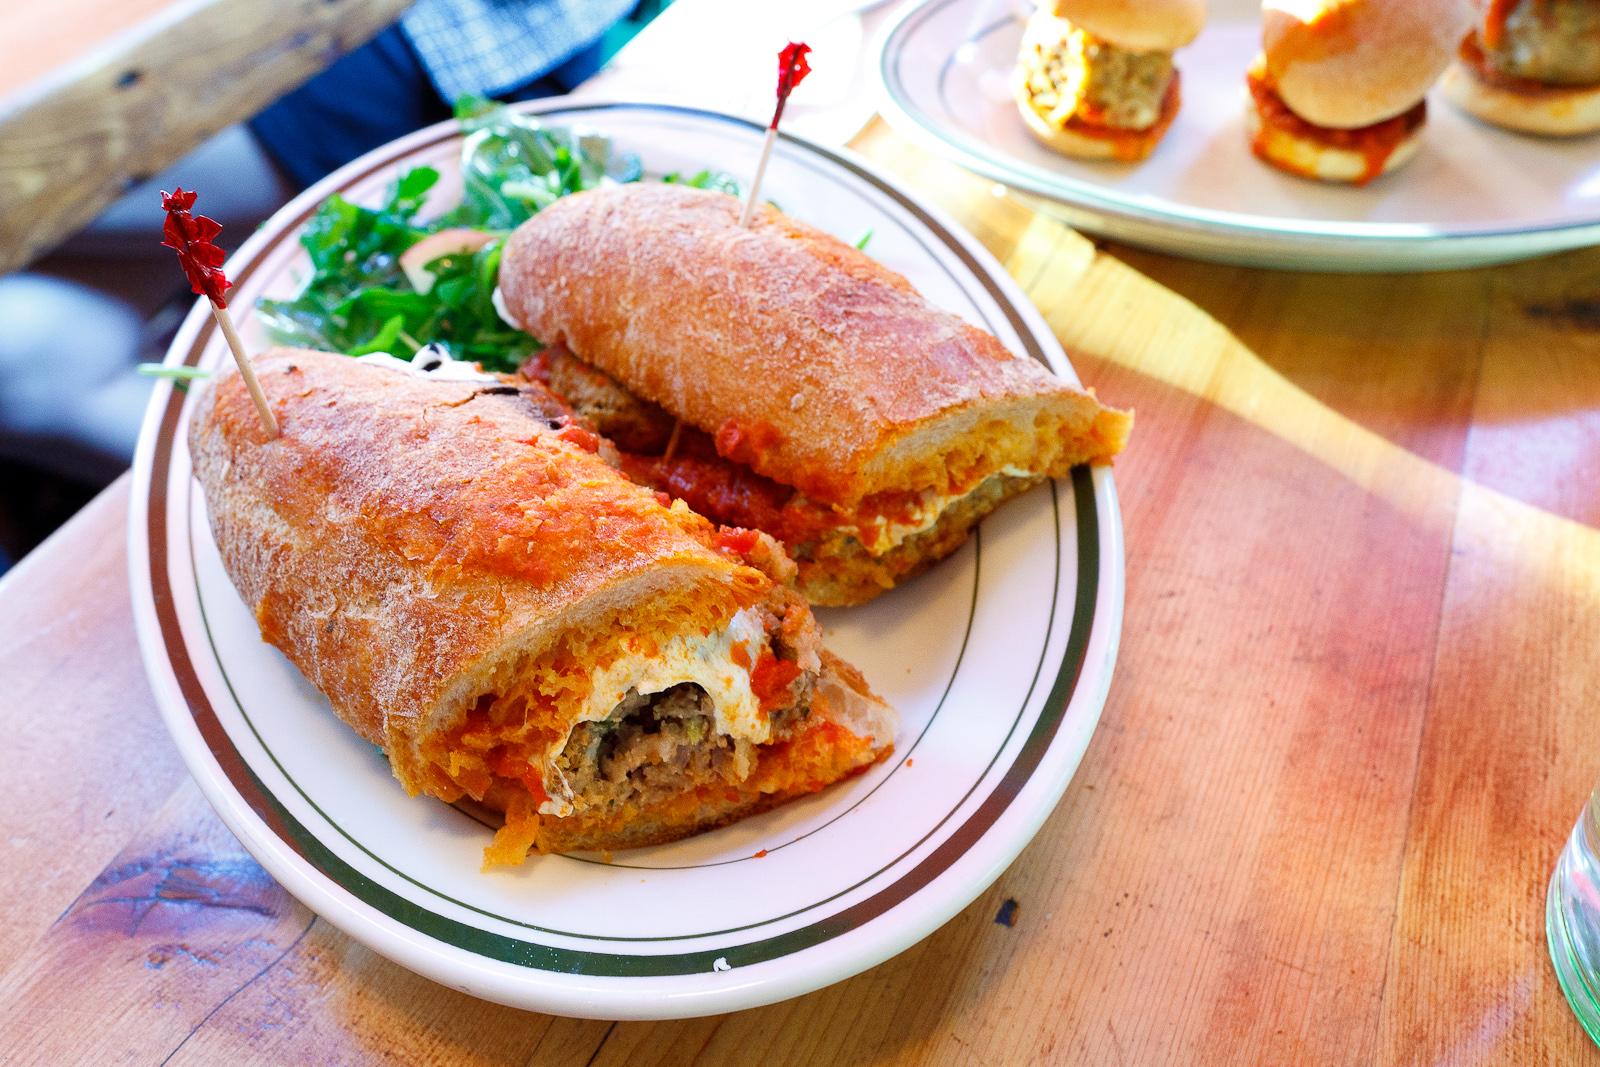 Beef hero, classic tomato sauce, mozzarella cheese, white bread ($9)